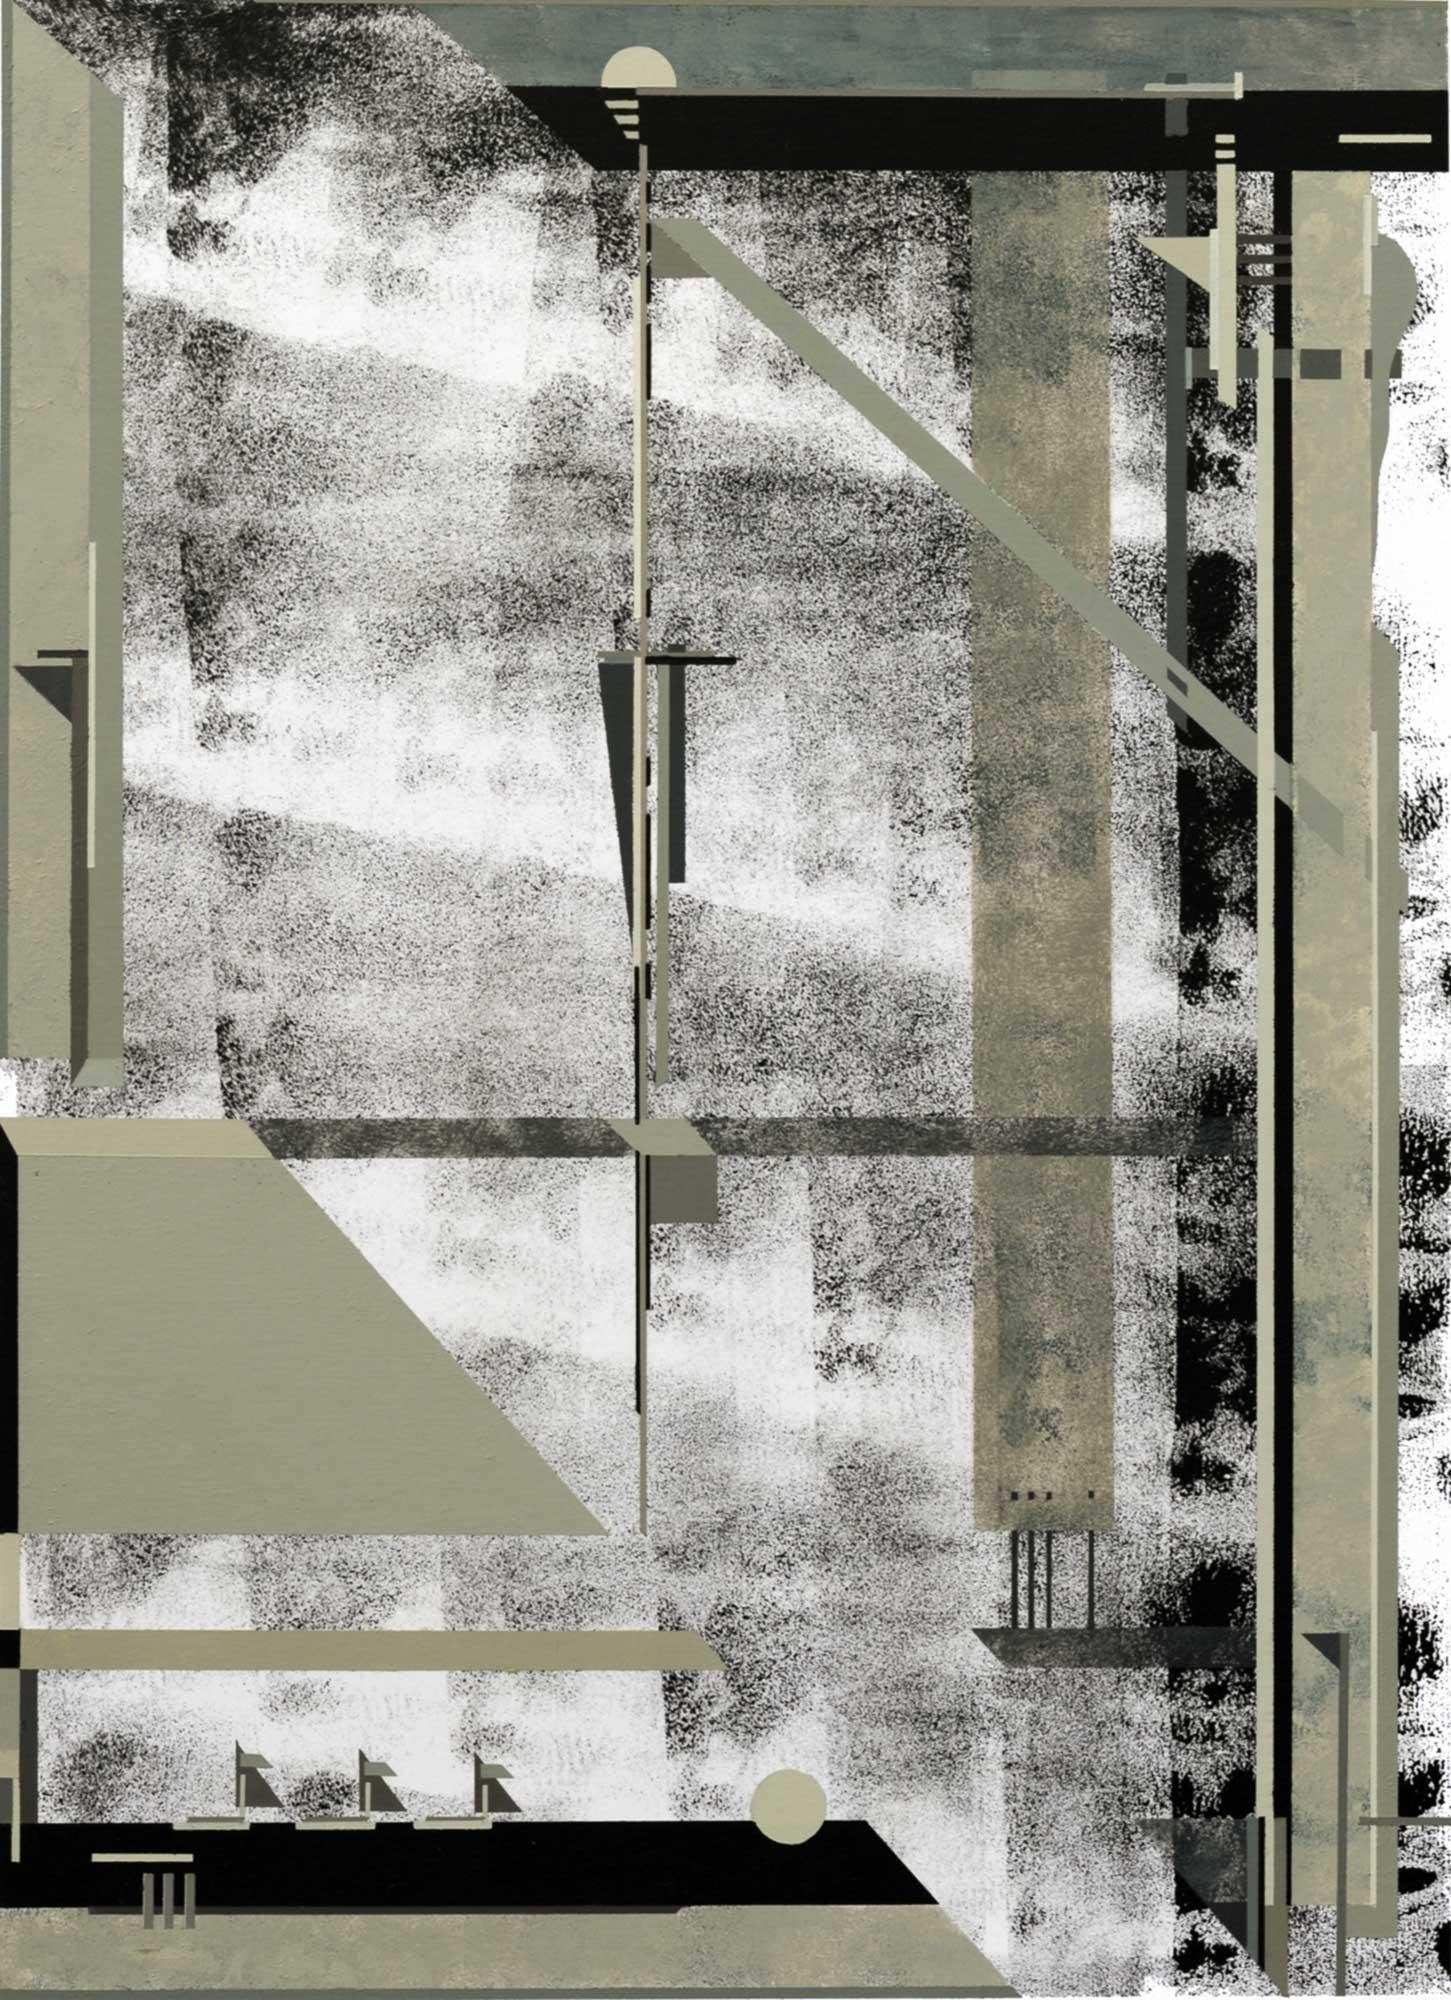 Ténèbres, 2011, peinture acrylique sur carton, 29x40 cm